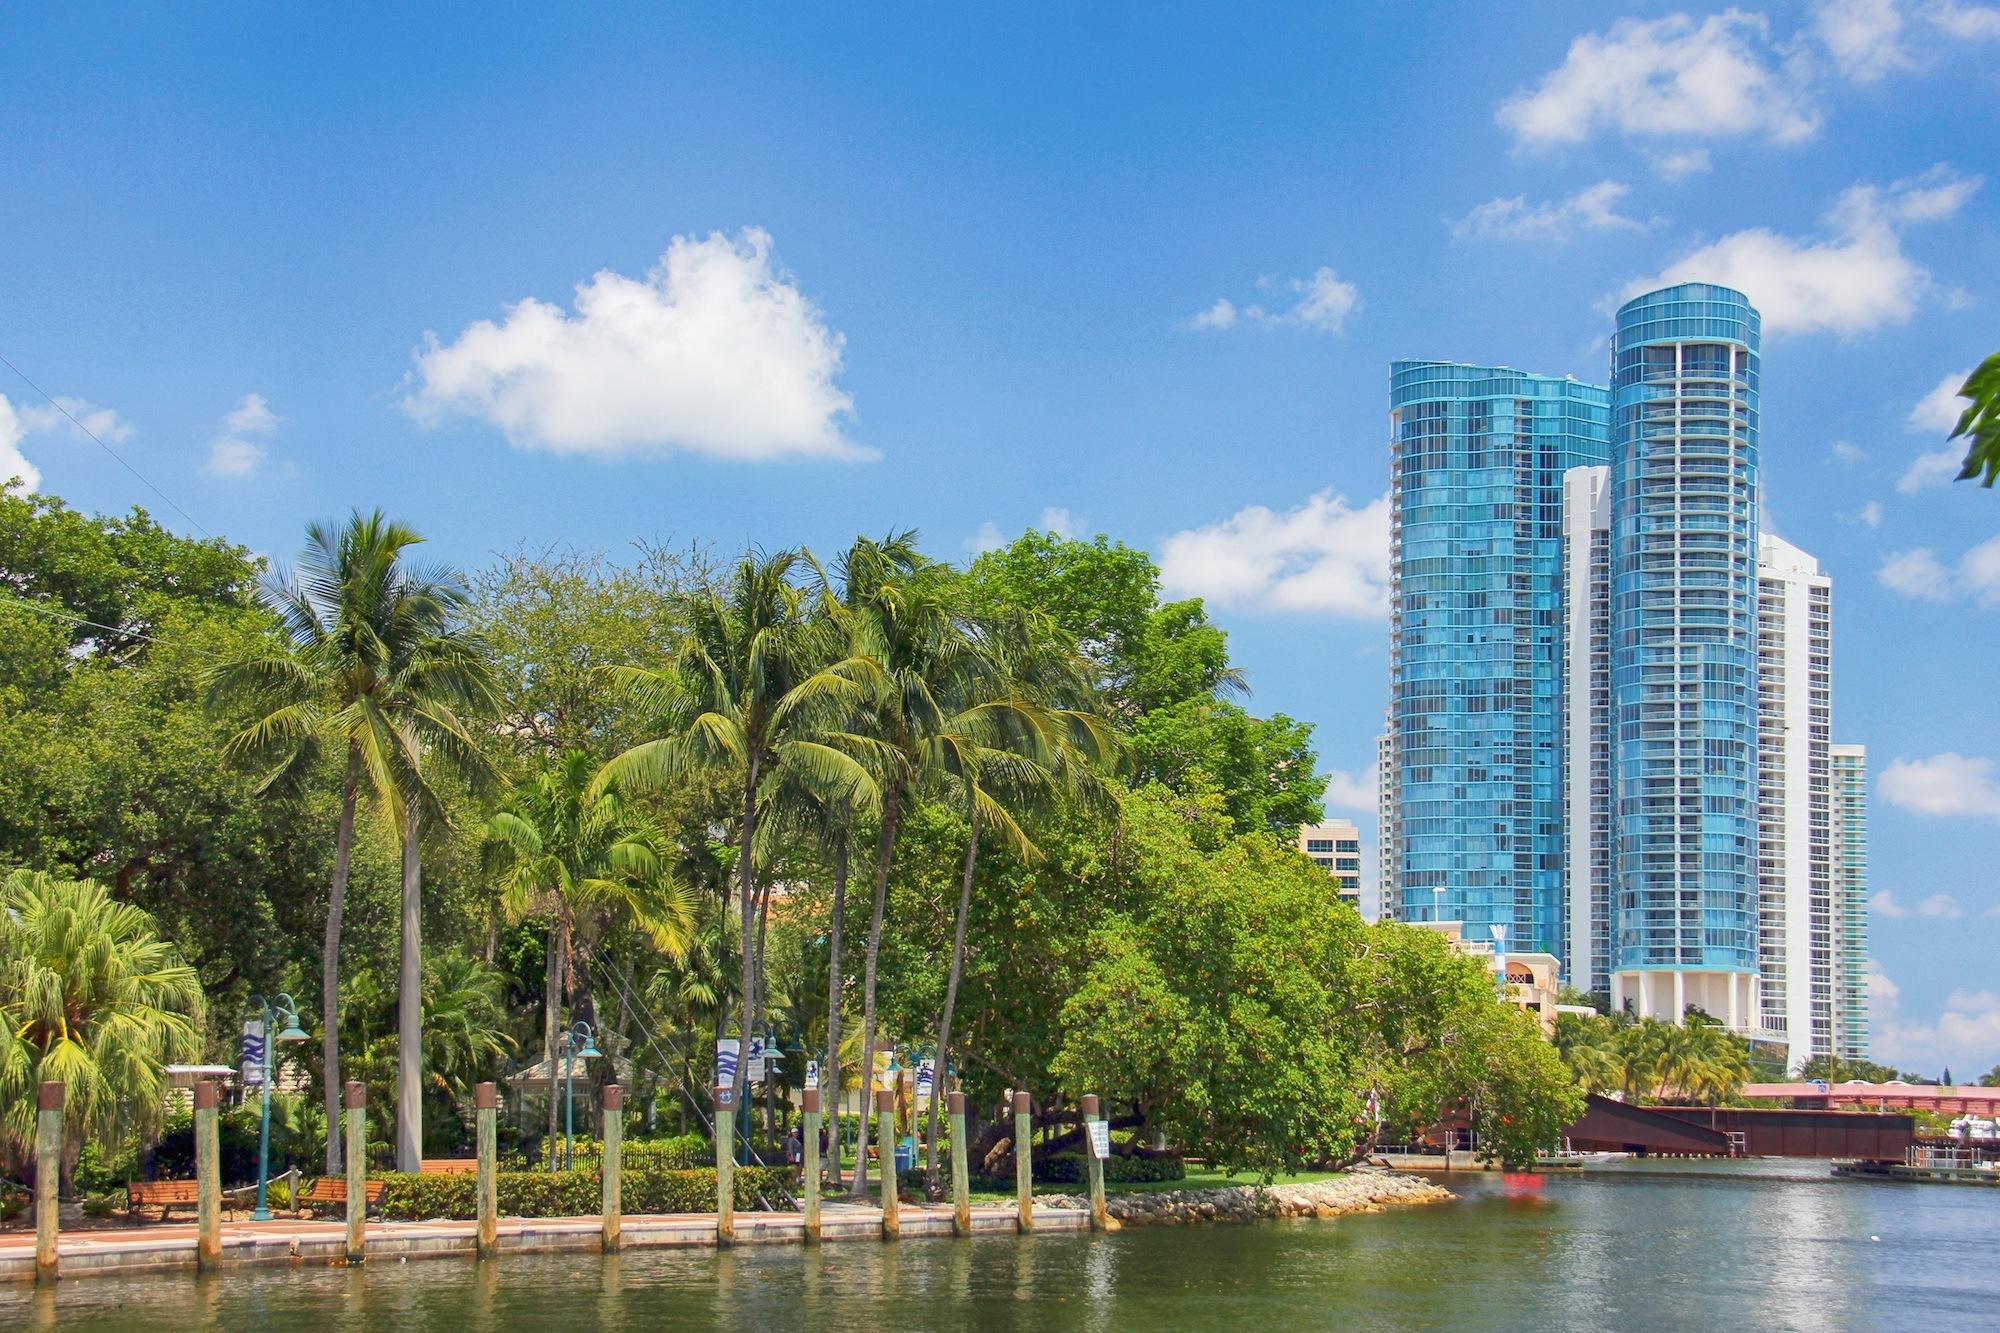 Fort Lauderdale Skycraper